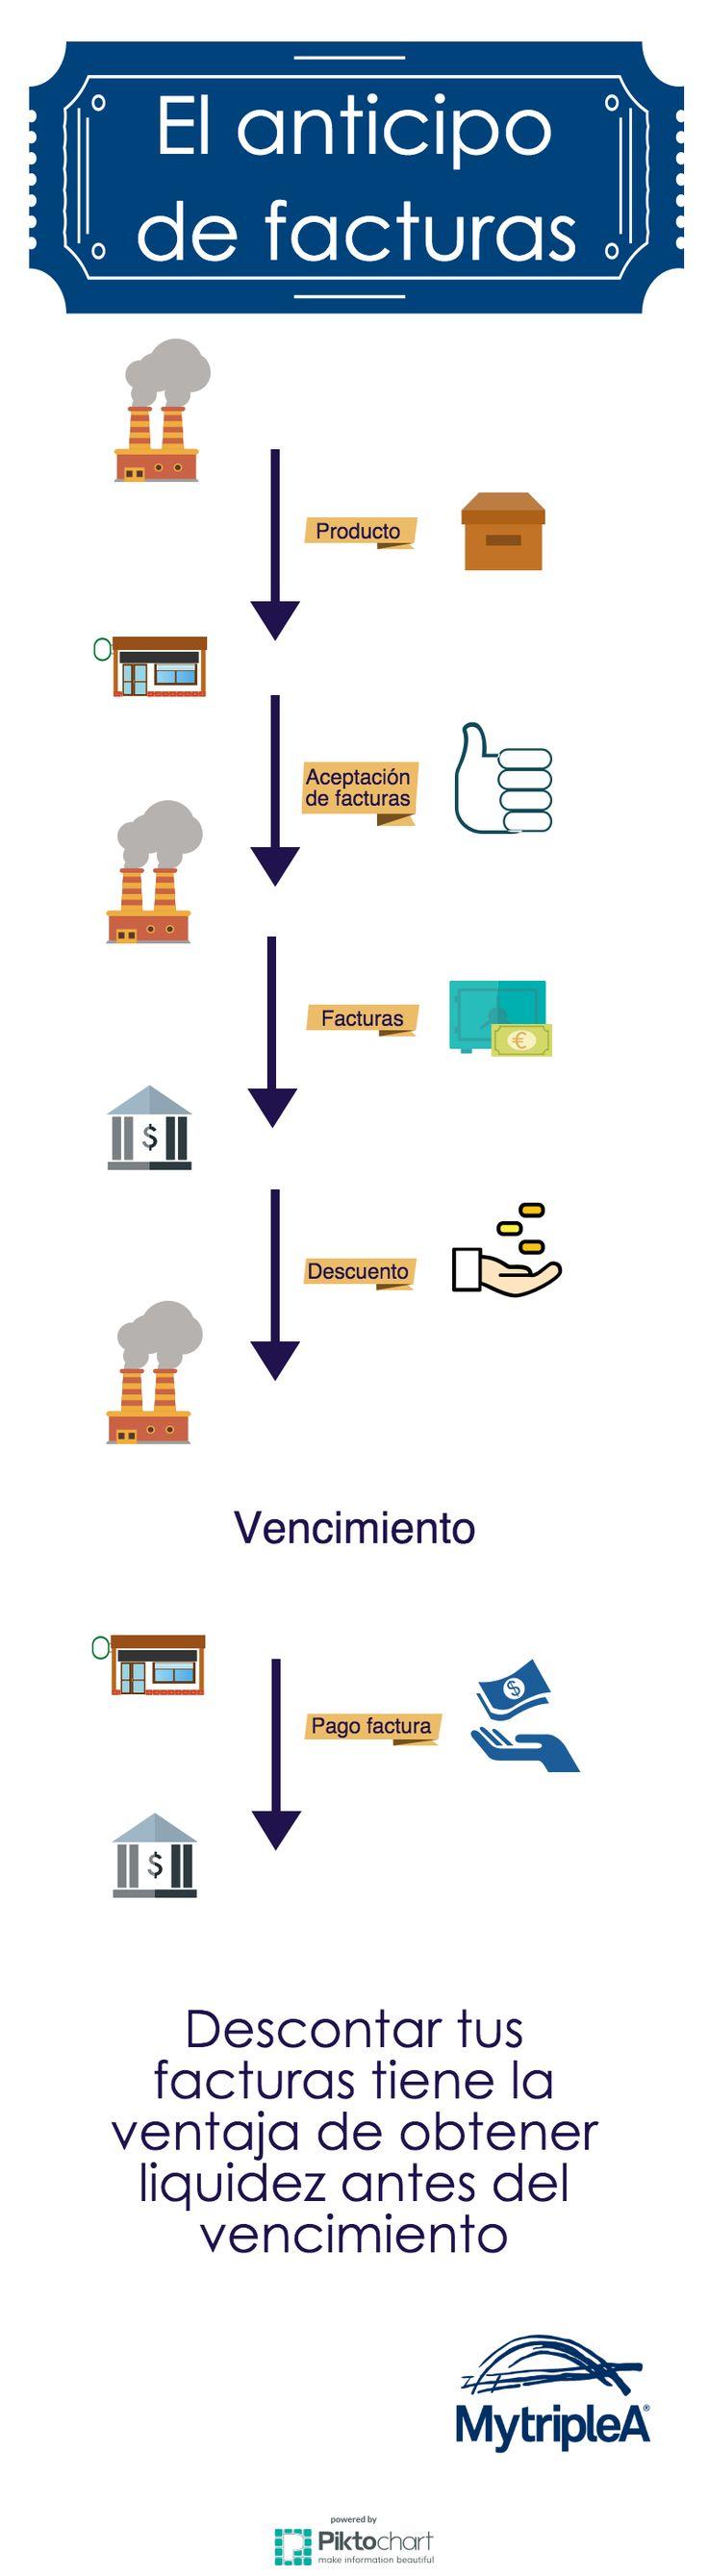 #Diccionario #financiero: #Anticipo de #facturas